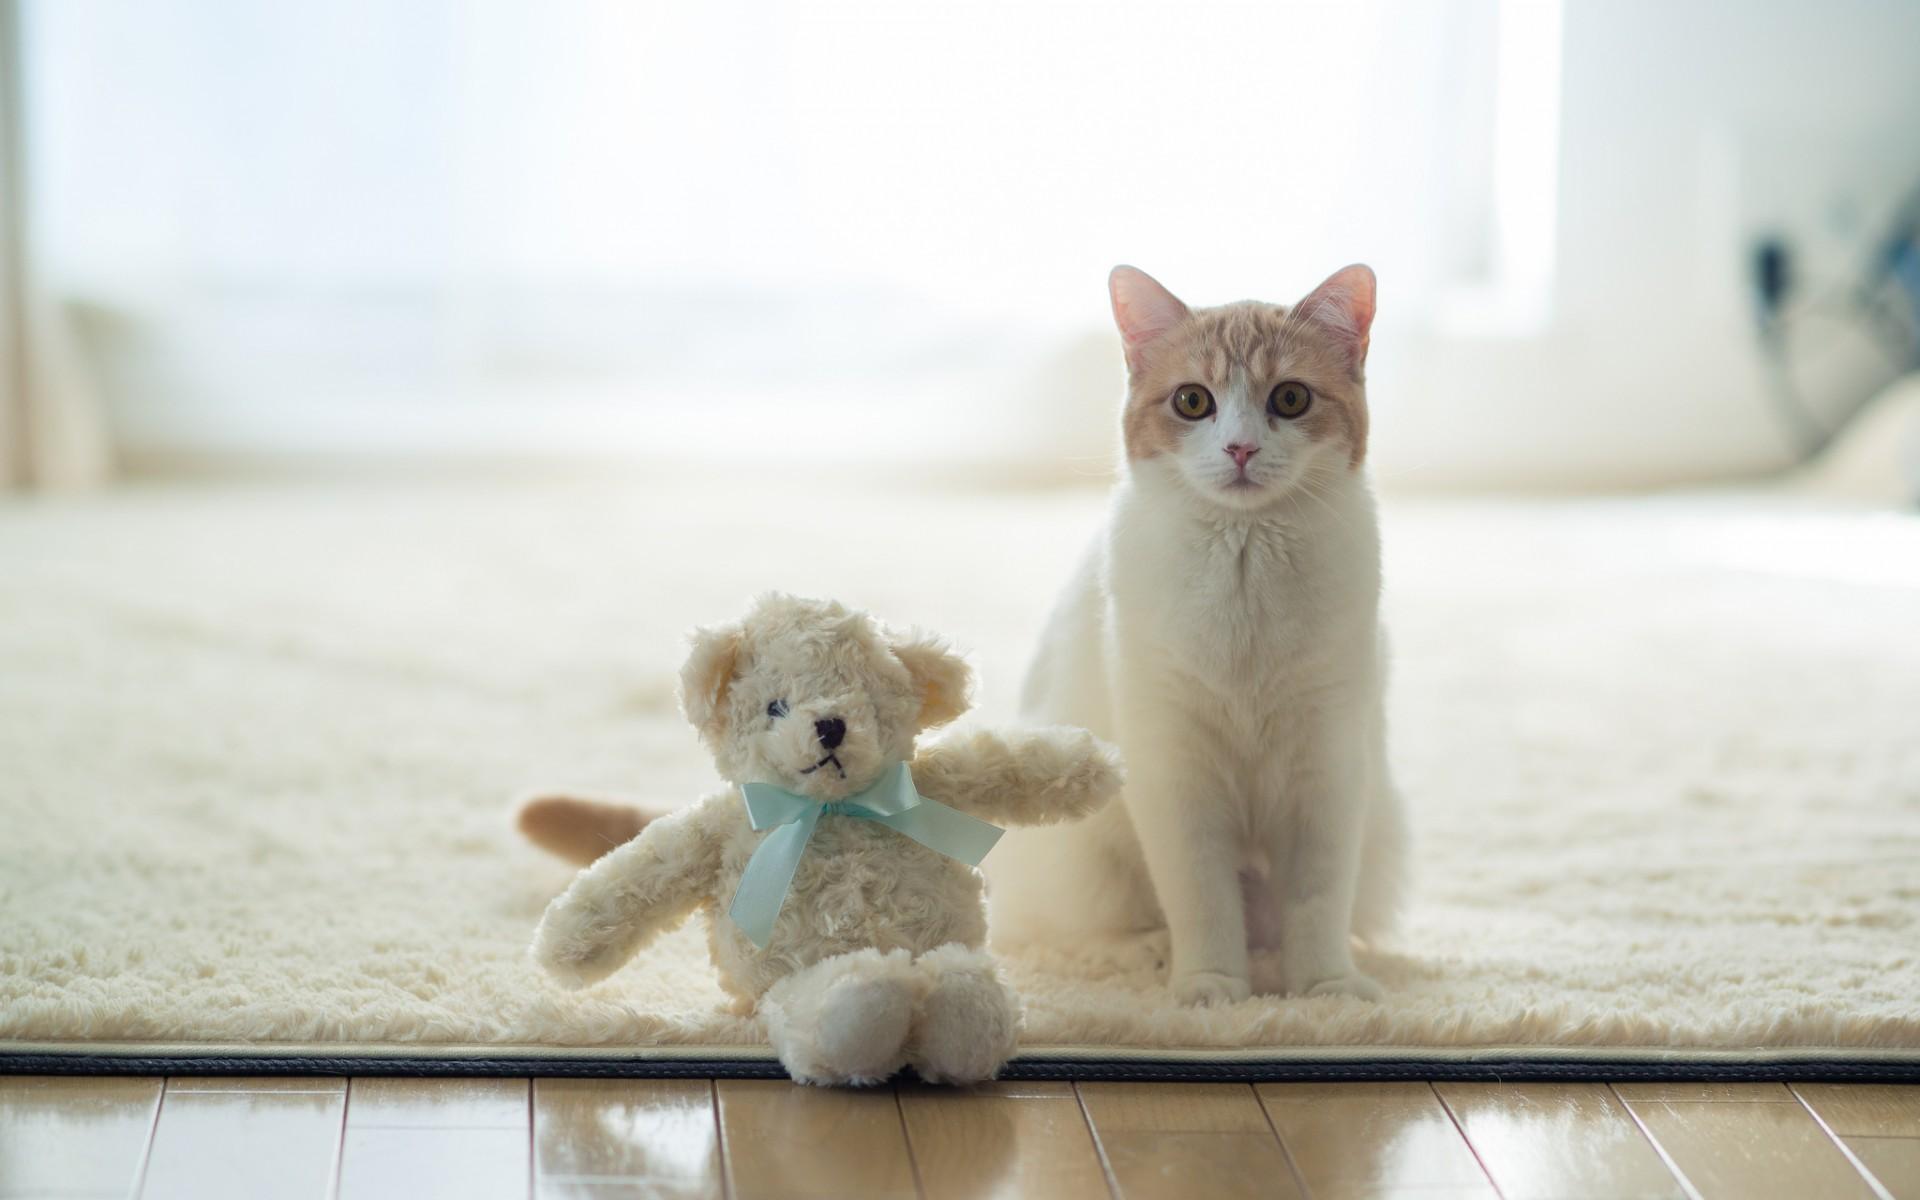 Un gato y su peluche - 1920x1200